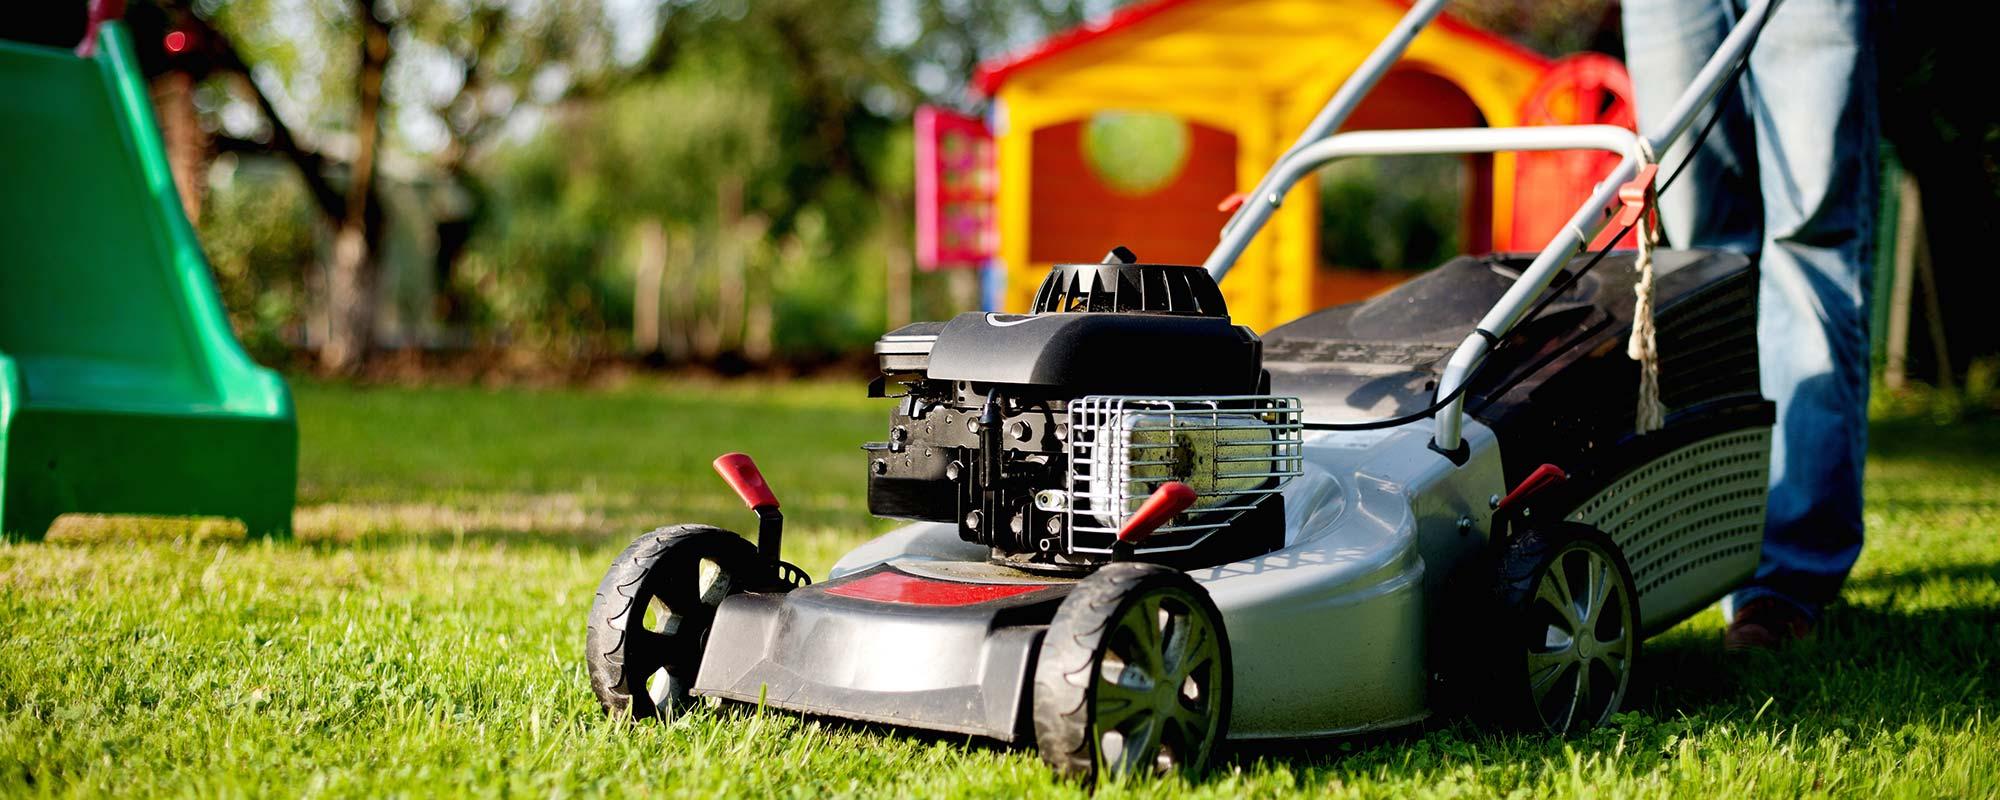 Lawn Mowing Franchise Melbourne